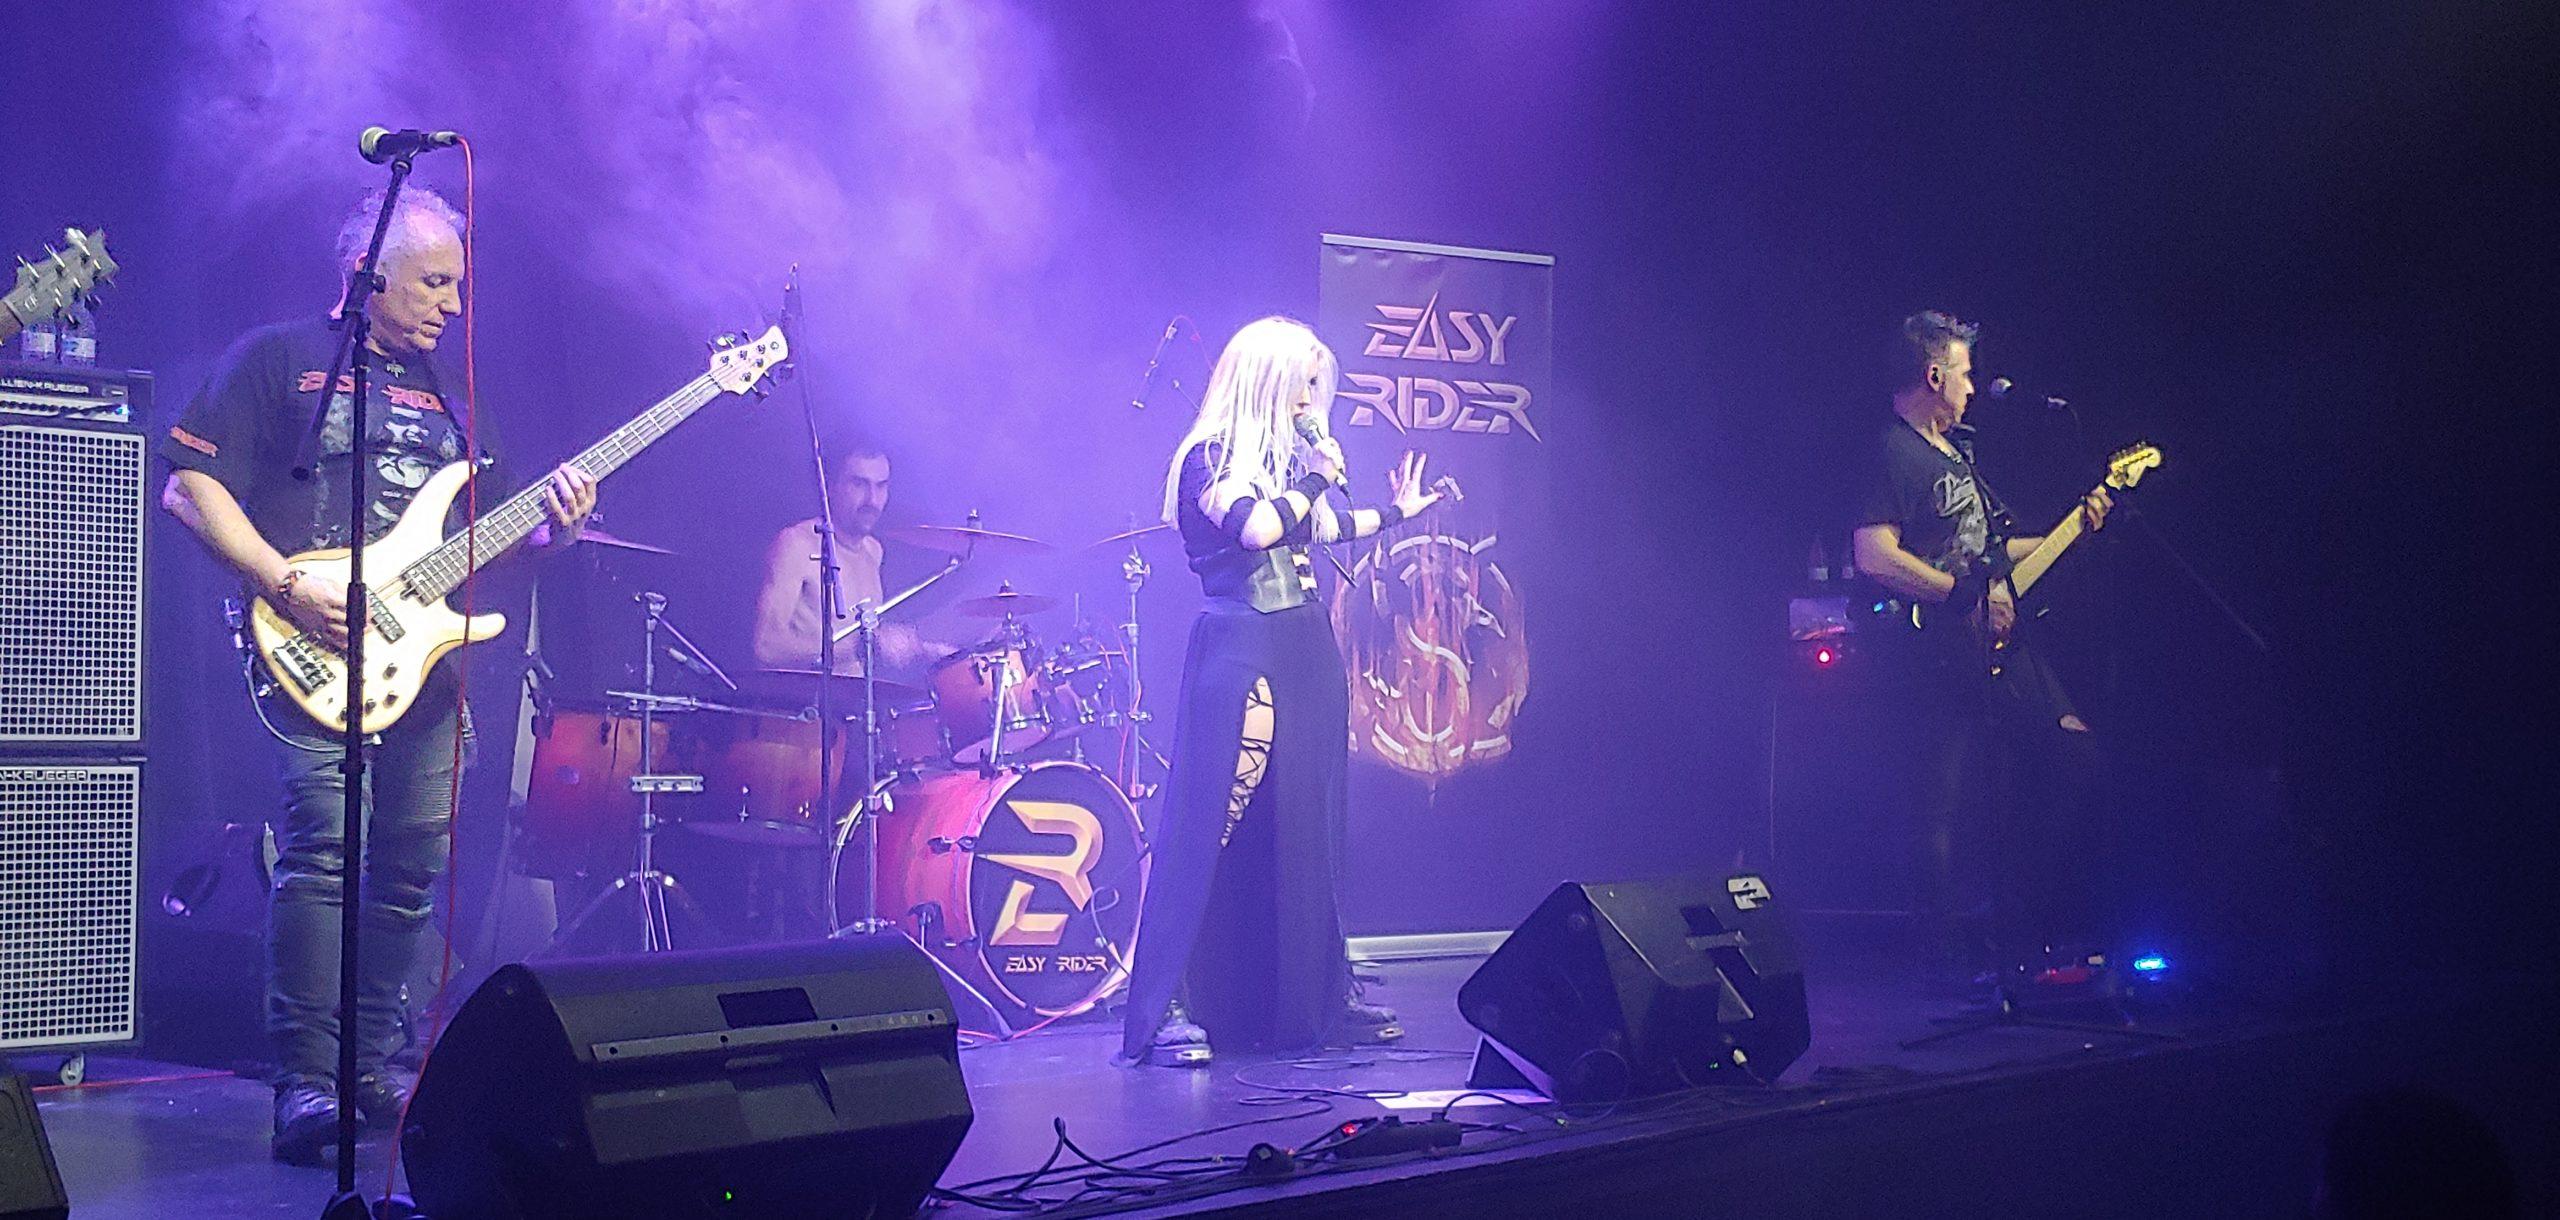 Crónica: Easy Rider – Málaga 13 de marzo – Sala La Cochera Cabaret